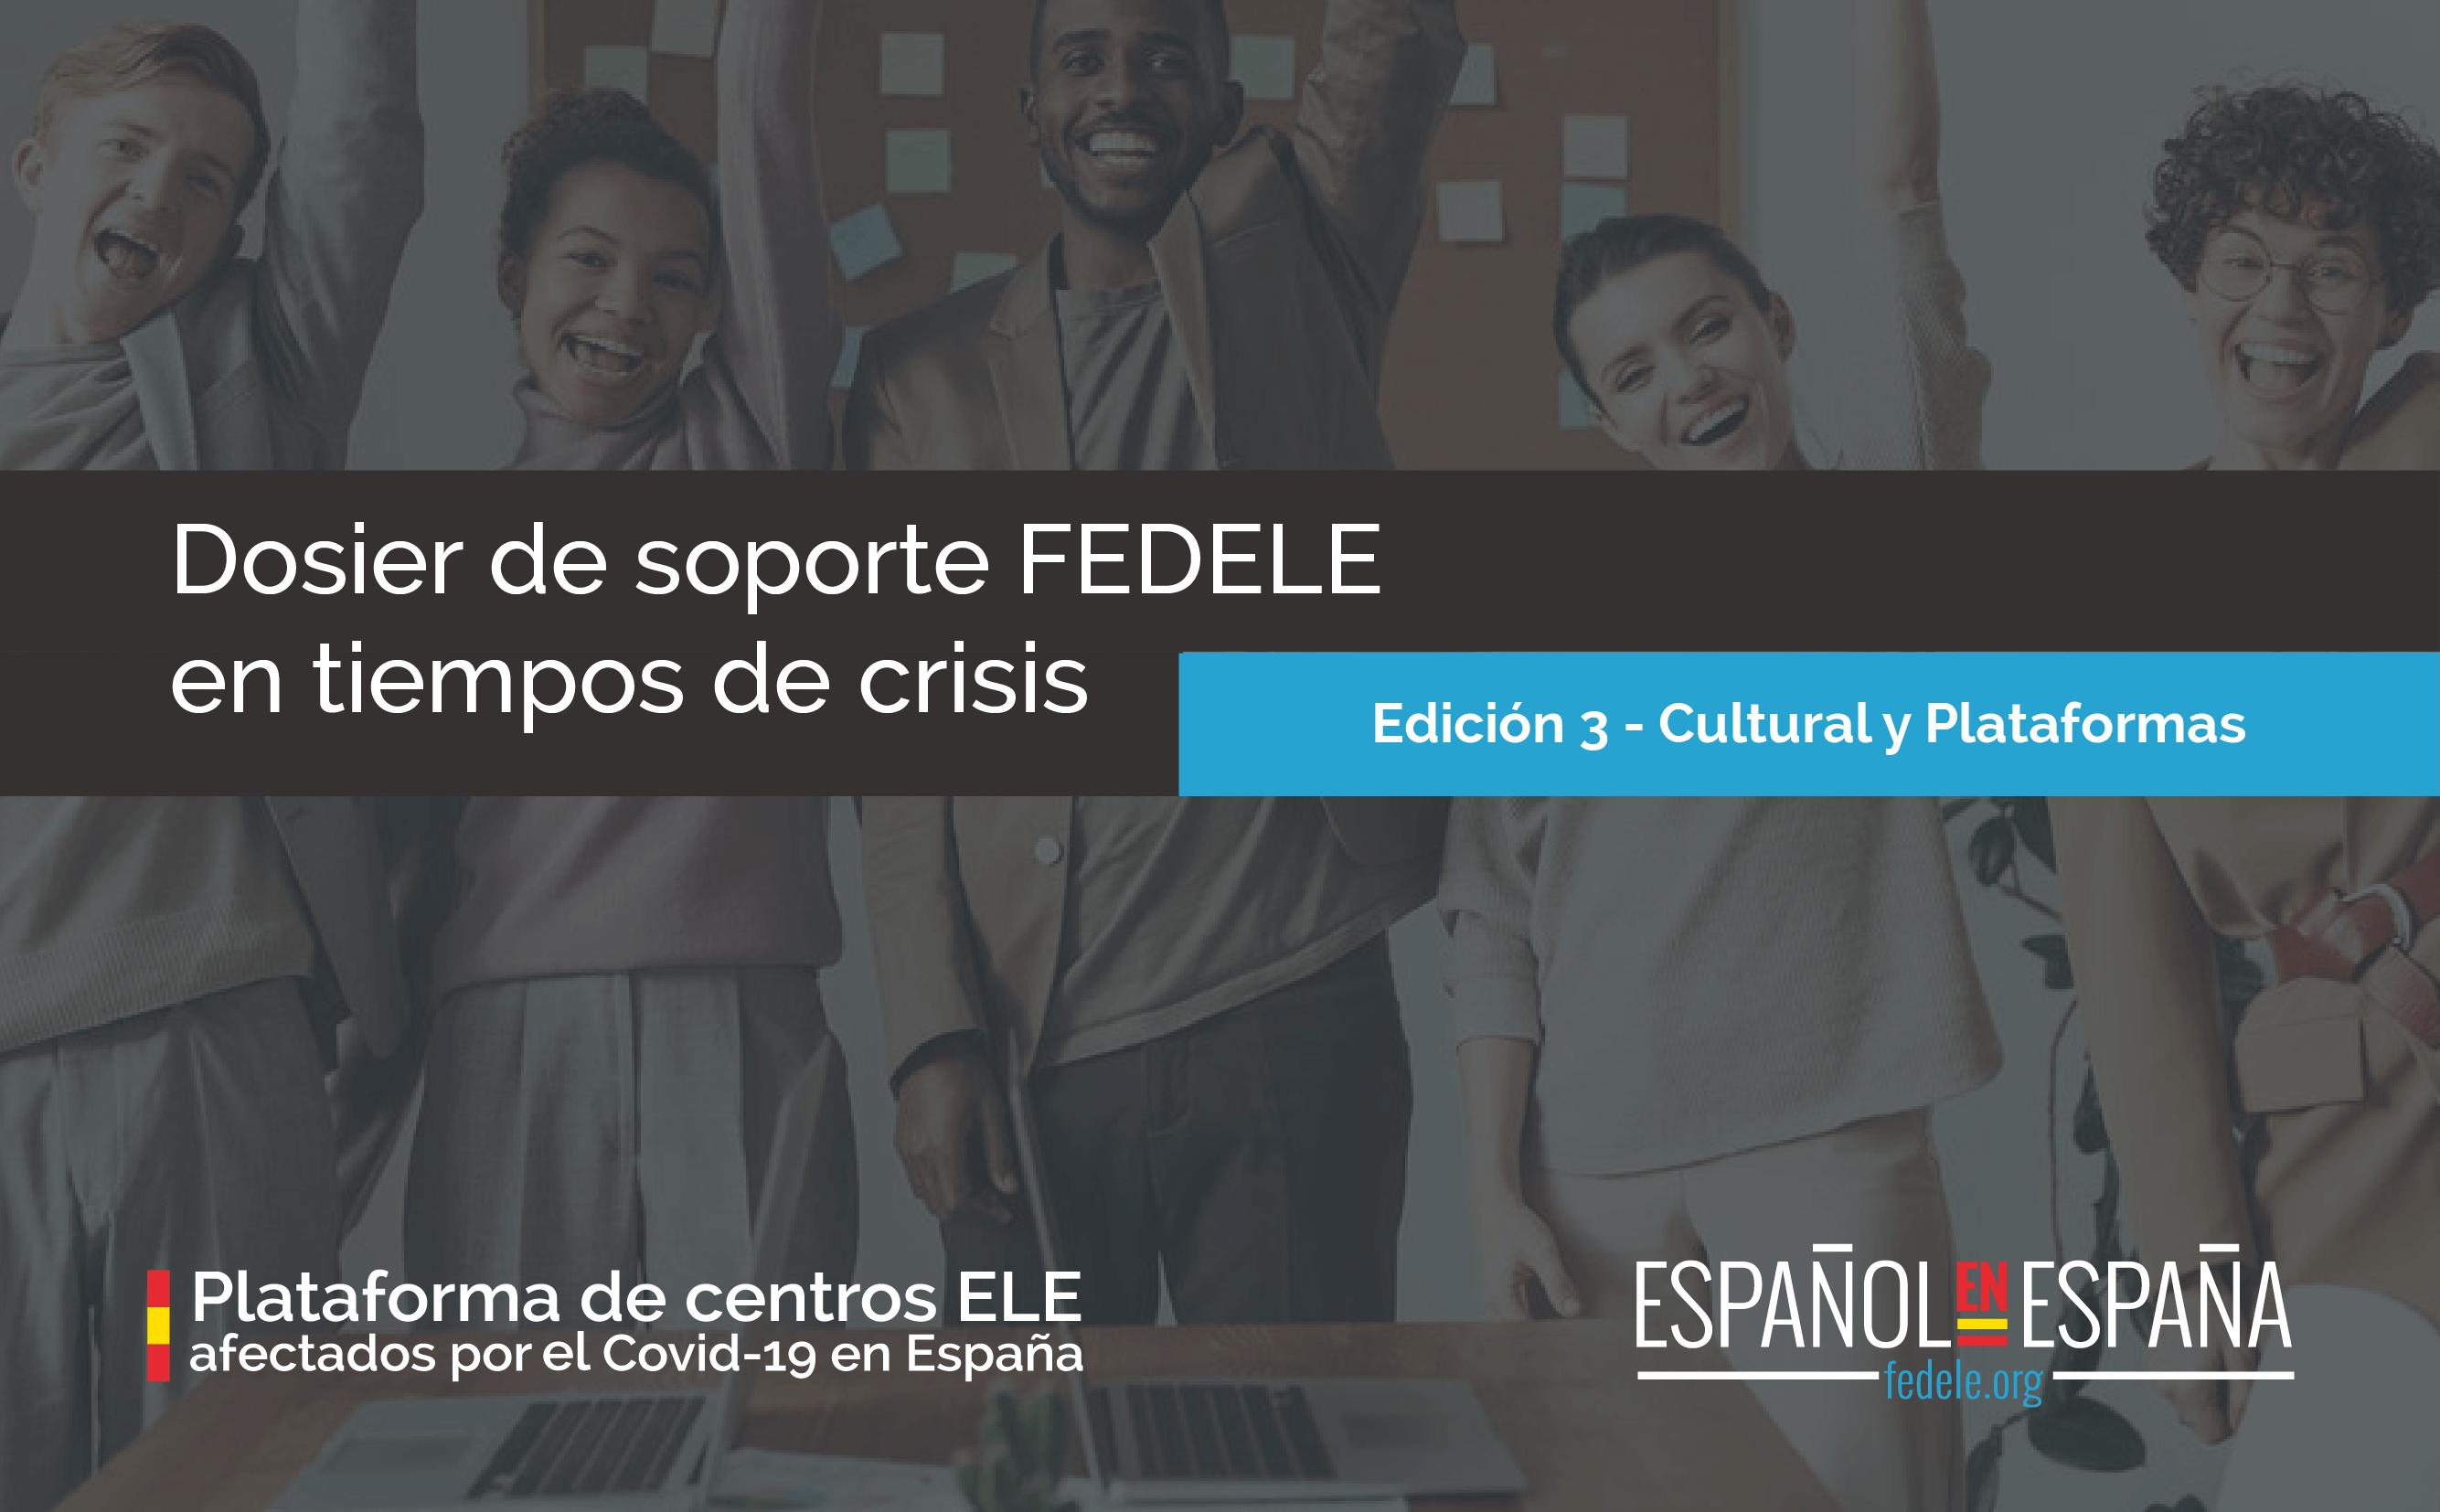 Dosier de soporte FEDELE en tiempo de crisis – Tercera edición en abierto